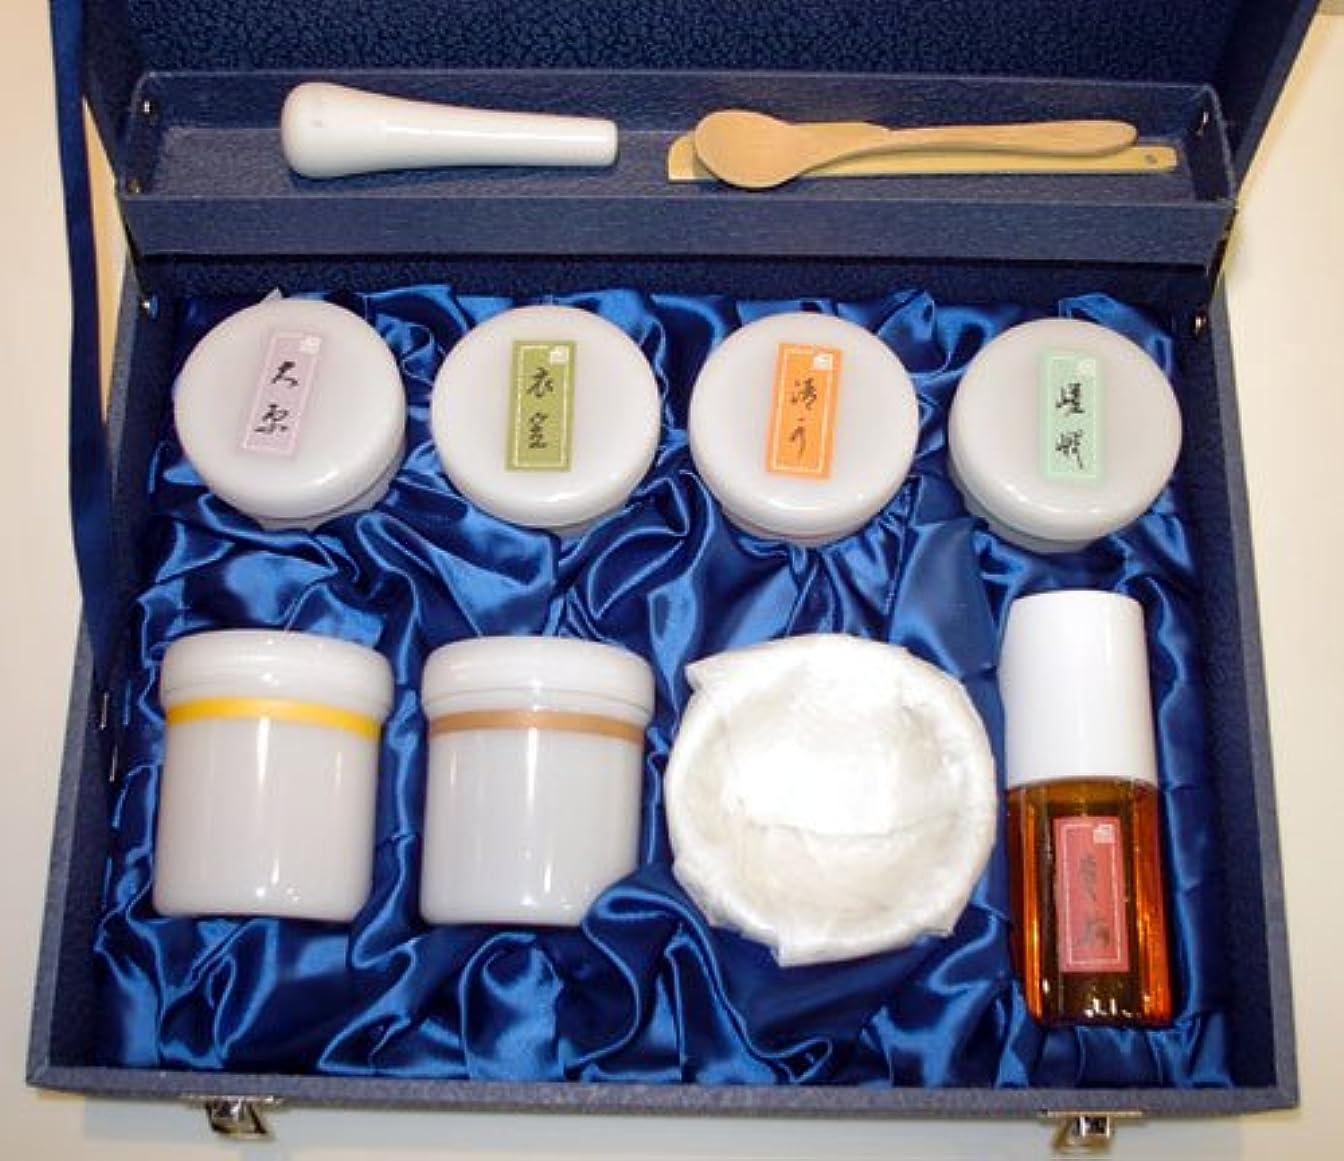 配管サーバントニッケル自分だけの香り作りキット 「梅こよみ」 練香手作りセット